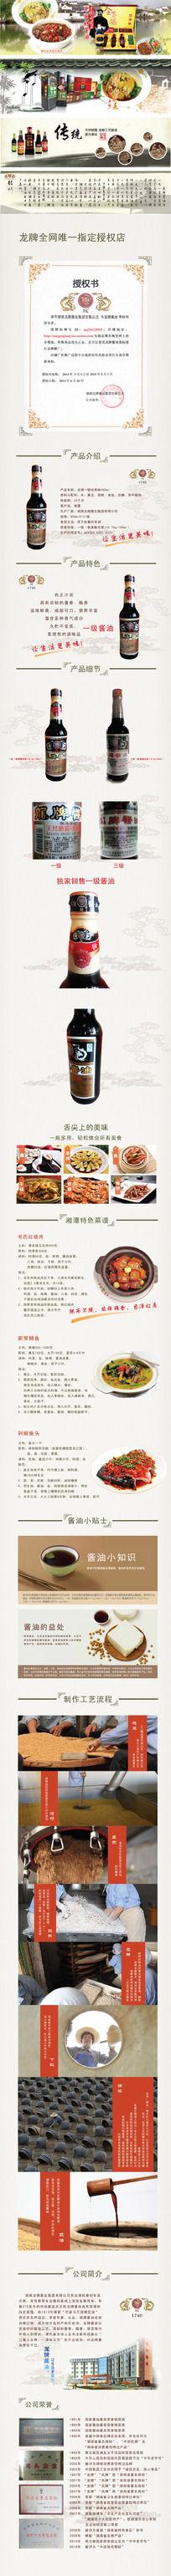 龙牌酱油复古传统水墨风宝贝详情页